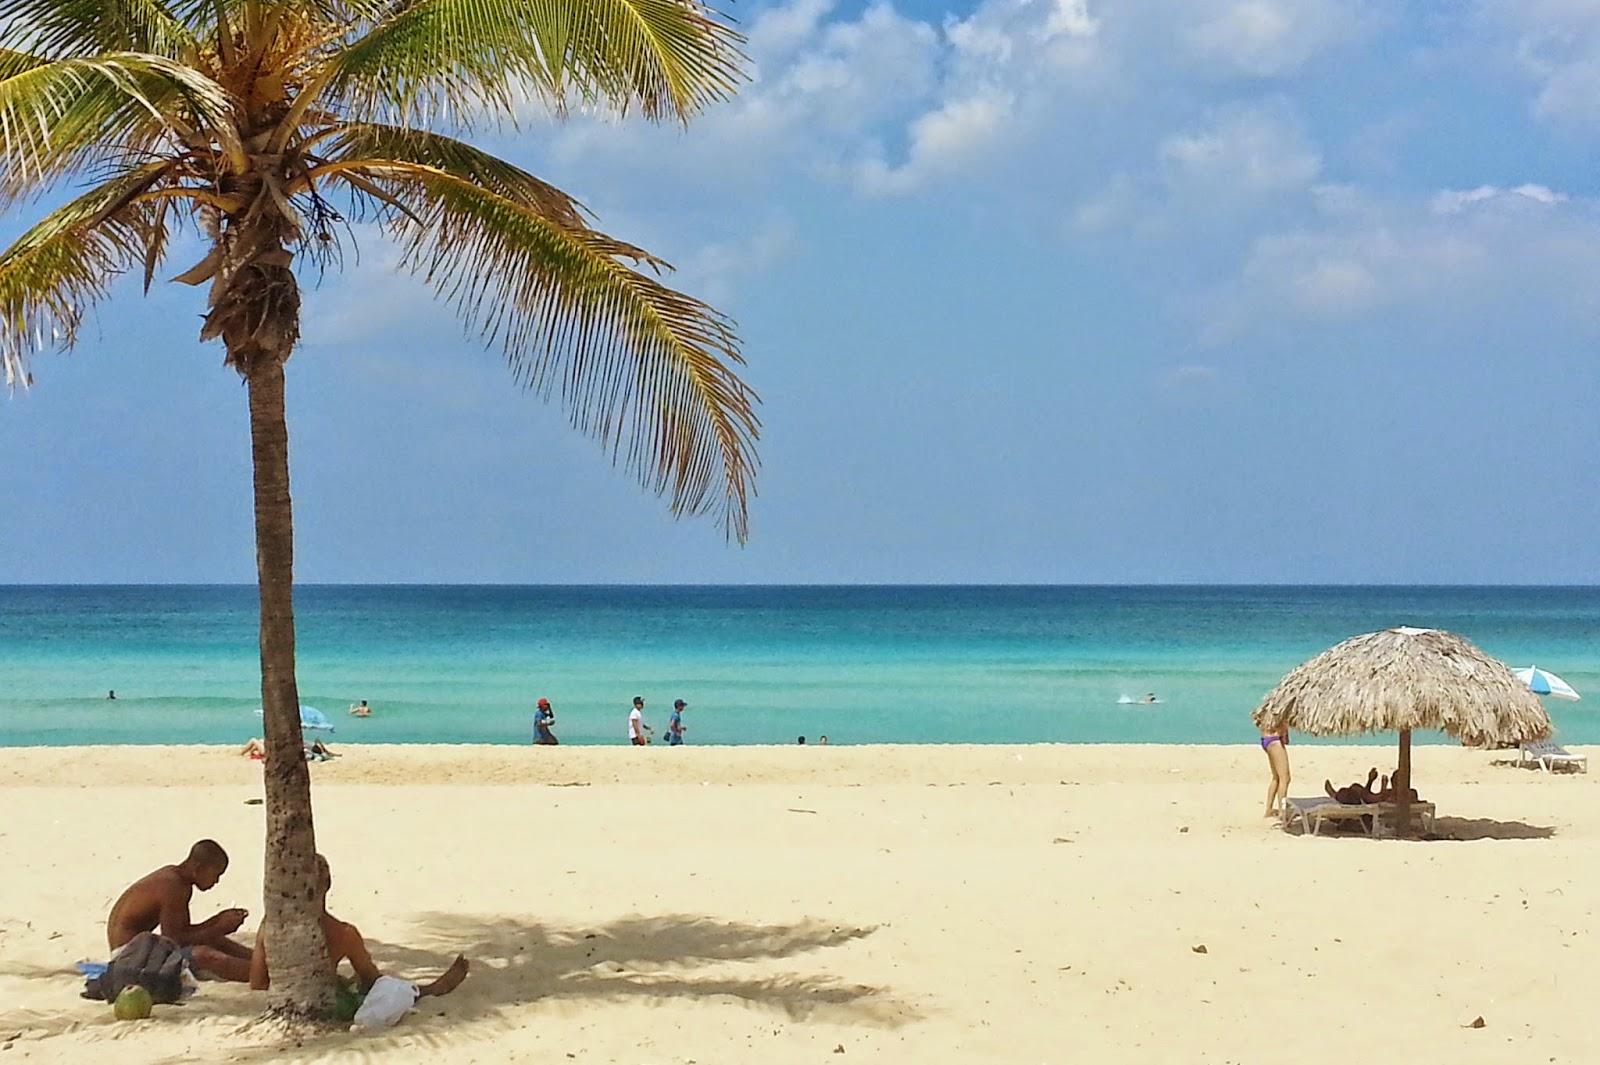 Playa Mar Azul, a preferida dos moradores de Havana